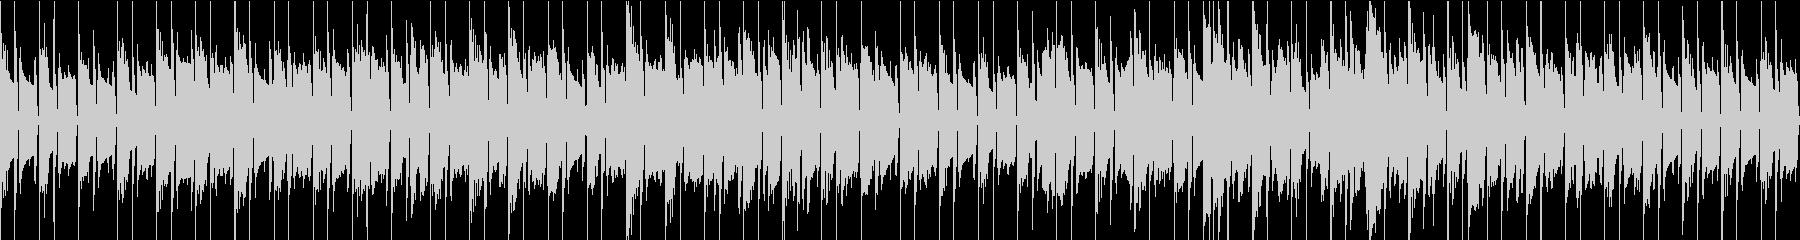 SAX ソロの怪しい雰囲気のループBGMの未再生の波形